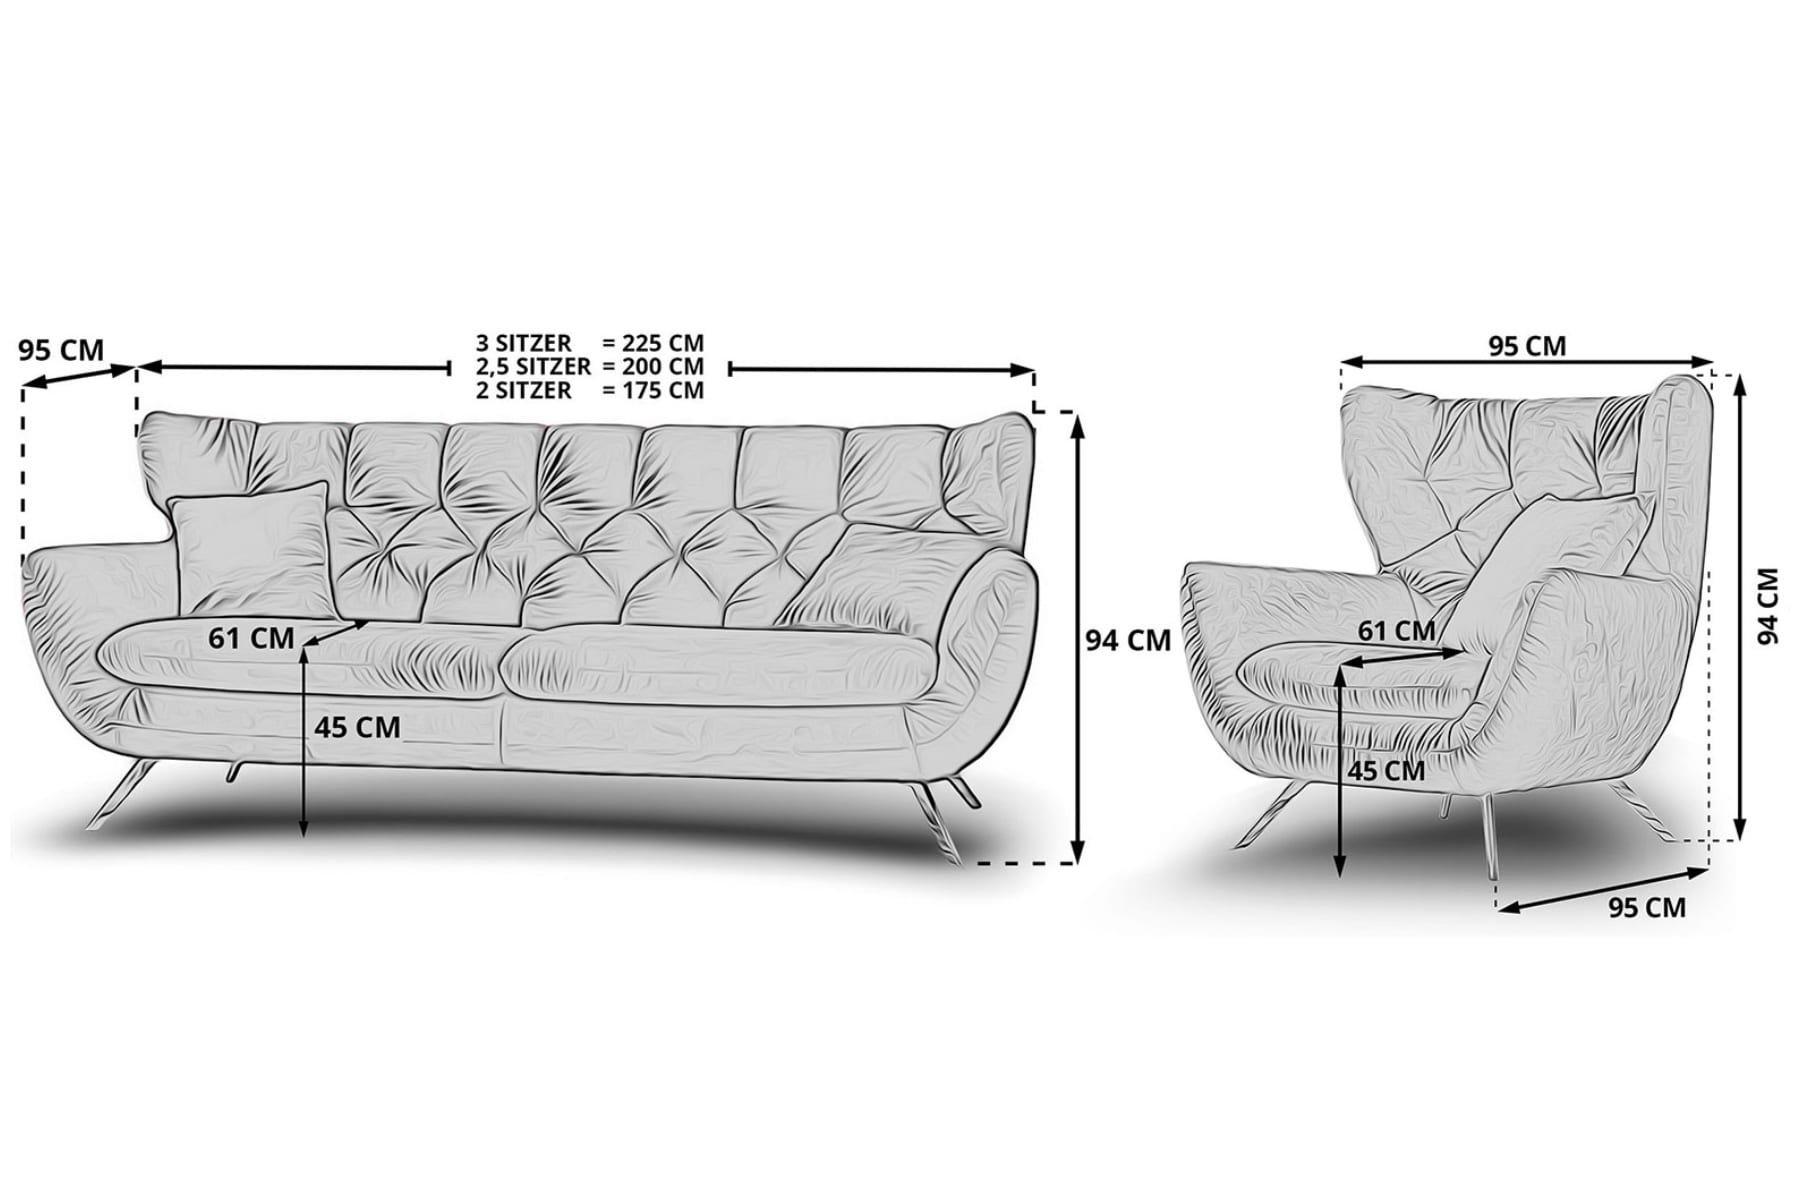 Full Size of Couchgarnitur 3 2 1 Sitzer Chesterfield Sofa Emma Samt 3 2 1 Sitzer Big Emma Superior Designer Couch Garnitur Set Candy Sixty 3er Grau Zweisitzer Bett Mit Sofa Sofa 3 2 1 Sitzer